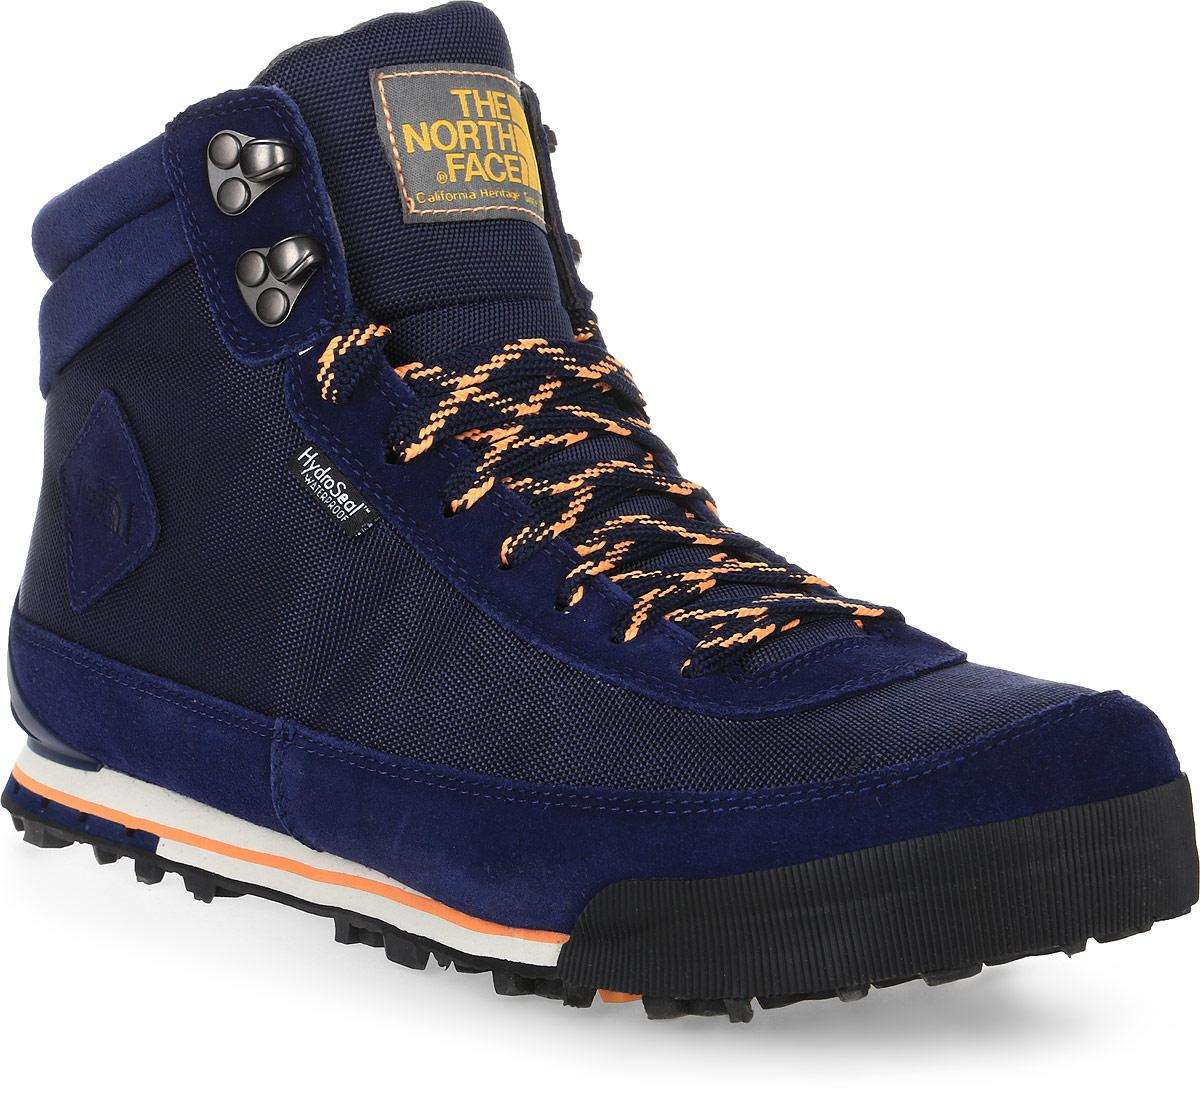 Ботинки женские The North Face Back-to-Berkeley Boot II, цвет: темно-синий, оранжевый. T0A1MFDSJ. Размер 8 (38)T0A1MFDSJСтильные ботинки The North Face от Back-to-Berkeley Boot II - это женские ботинки с ретро-обликом, но современной функциональной конструкцией. Верх выполнен из нейлона-рипстопа и мембраны HydroSeal, обеспечивающей полноценную защиту от влаги. Окантовка из натуральной замши по периметру защищает внешнюю ткань от истирания, а глухой язык препятствует попаданию внутрь камней, воды и пыли. Шнуровка надежно фиксирует модель на ноге. Подошва TNF Winter Grip с технологией Ice Pick обеспечивает наилучшее сцепление с поверхностью. Утеплитель Primaloft Eco сохранит ноги в тепле в самые сильные холода. Антибактериальная стелька Ortholine из EVA с текстильной поверхностью комфортна при ходьбе. Текстильный ярлычок на заднике обеспечивает удобное обувание модели. Язычок и боковая сторона модели оформлена фирменной нашивкой. Ботинки Womens Back-to-Berkeley Boot II - отличный выбор стильной и технологичной зимней обуви.